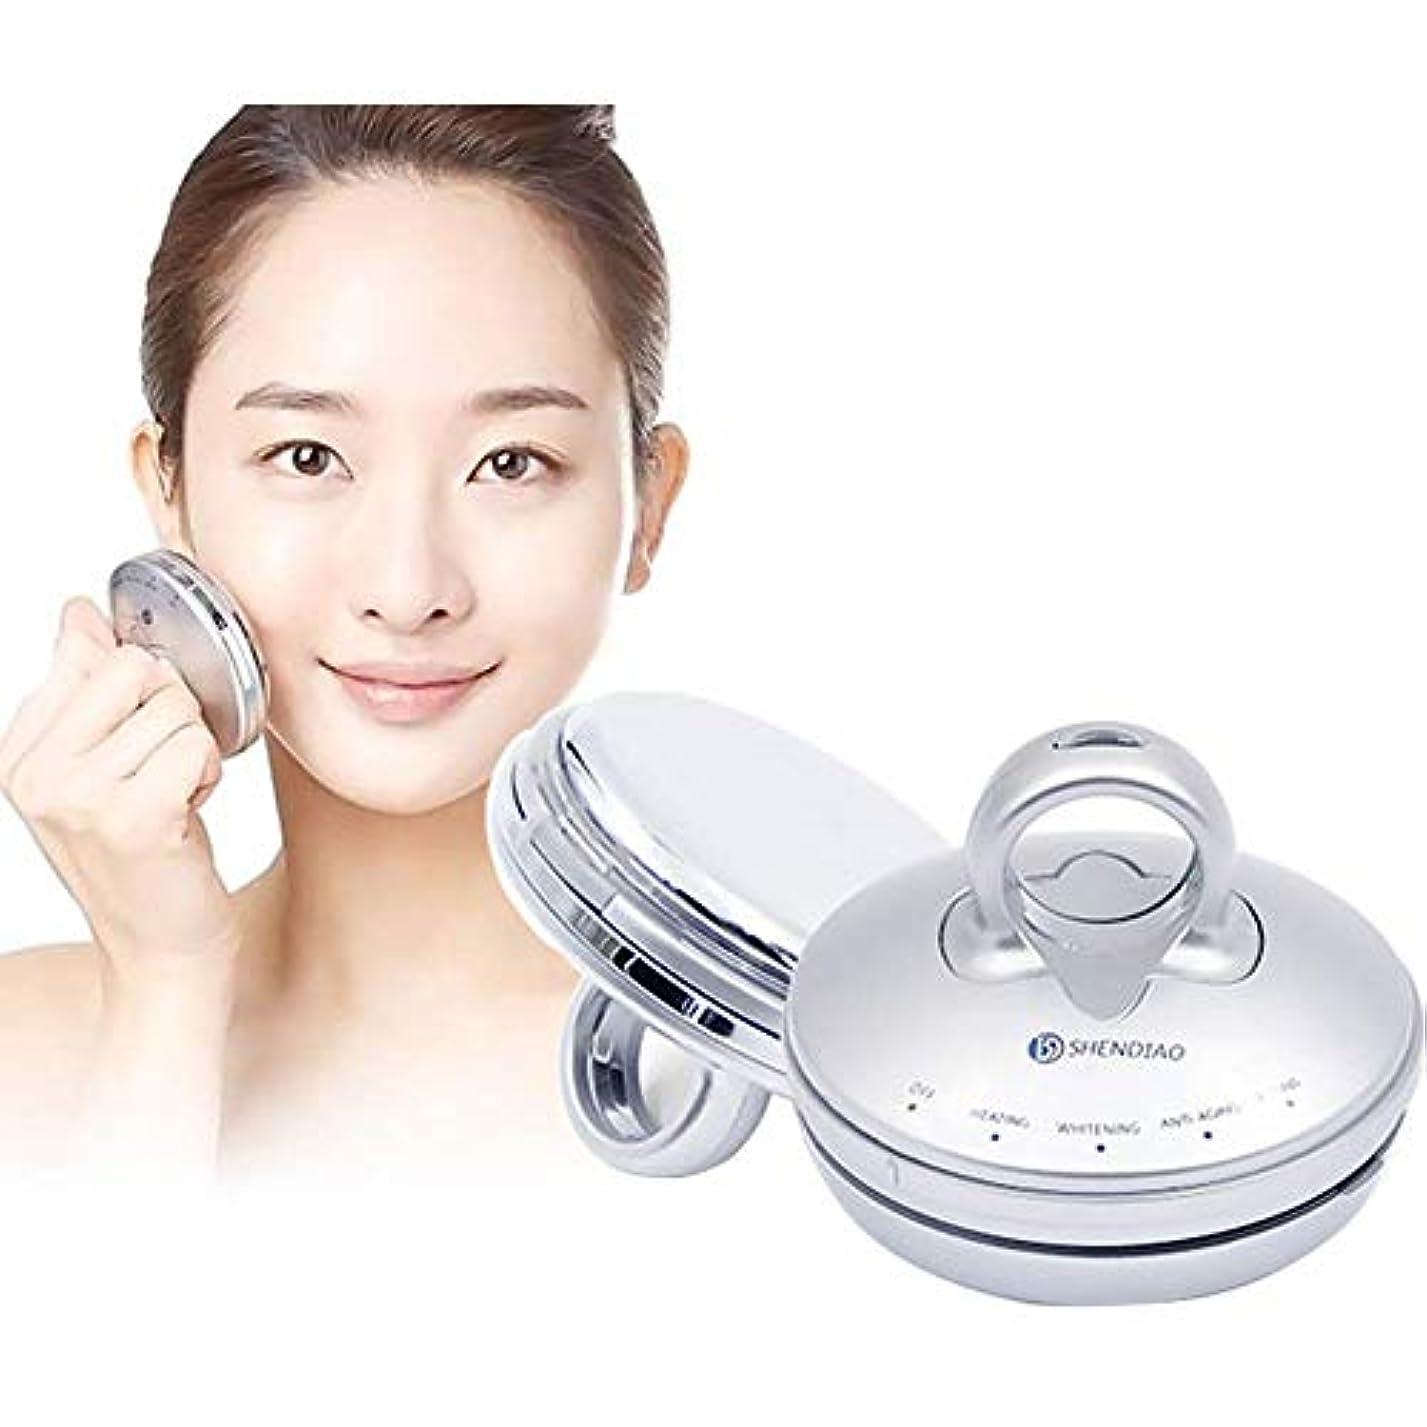 幸福出発するそこ美のマッサージャー、顔のマッサージャーの振動美装置の顔のしわのスキンケアの上昇の反老化の白くなるマッサージャー